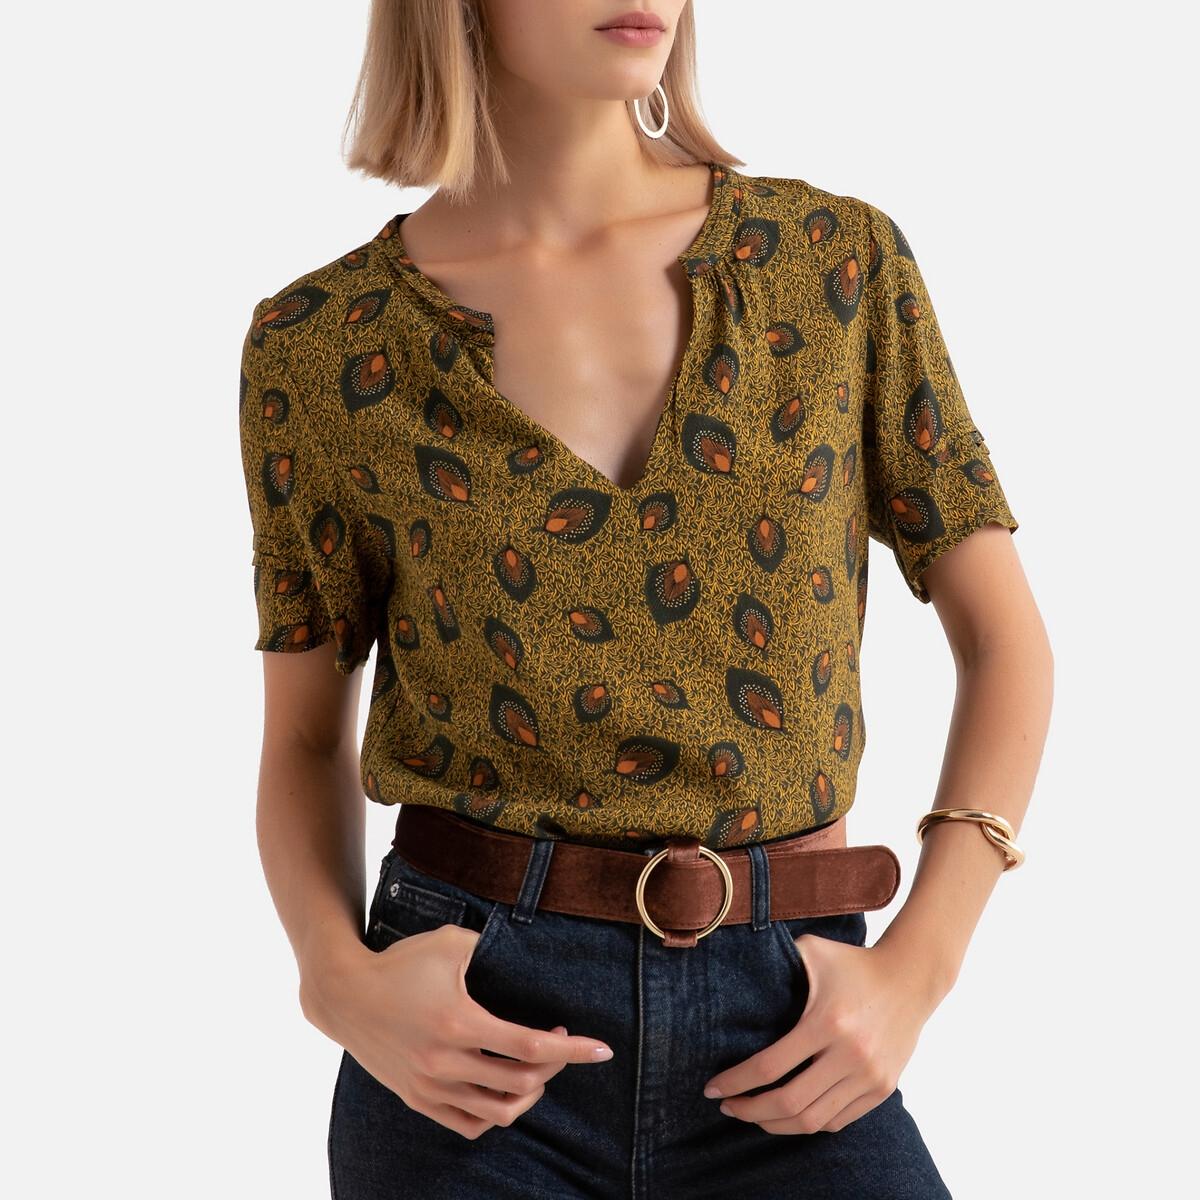 Фото - Блузка LaRedoute С короткими рукавами и рисунком 34 (FR) - 40 (RUS) желтый платье laredoute с запахом с рисунком 34 fr 40 rus синий